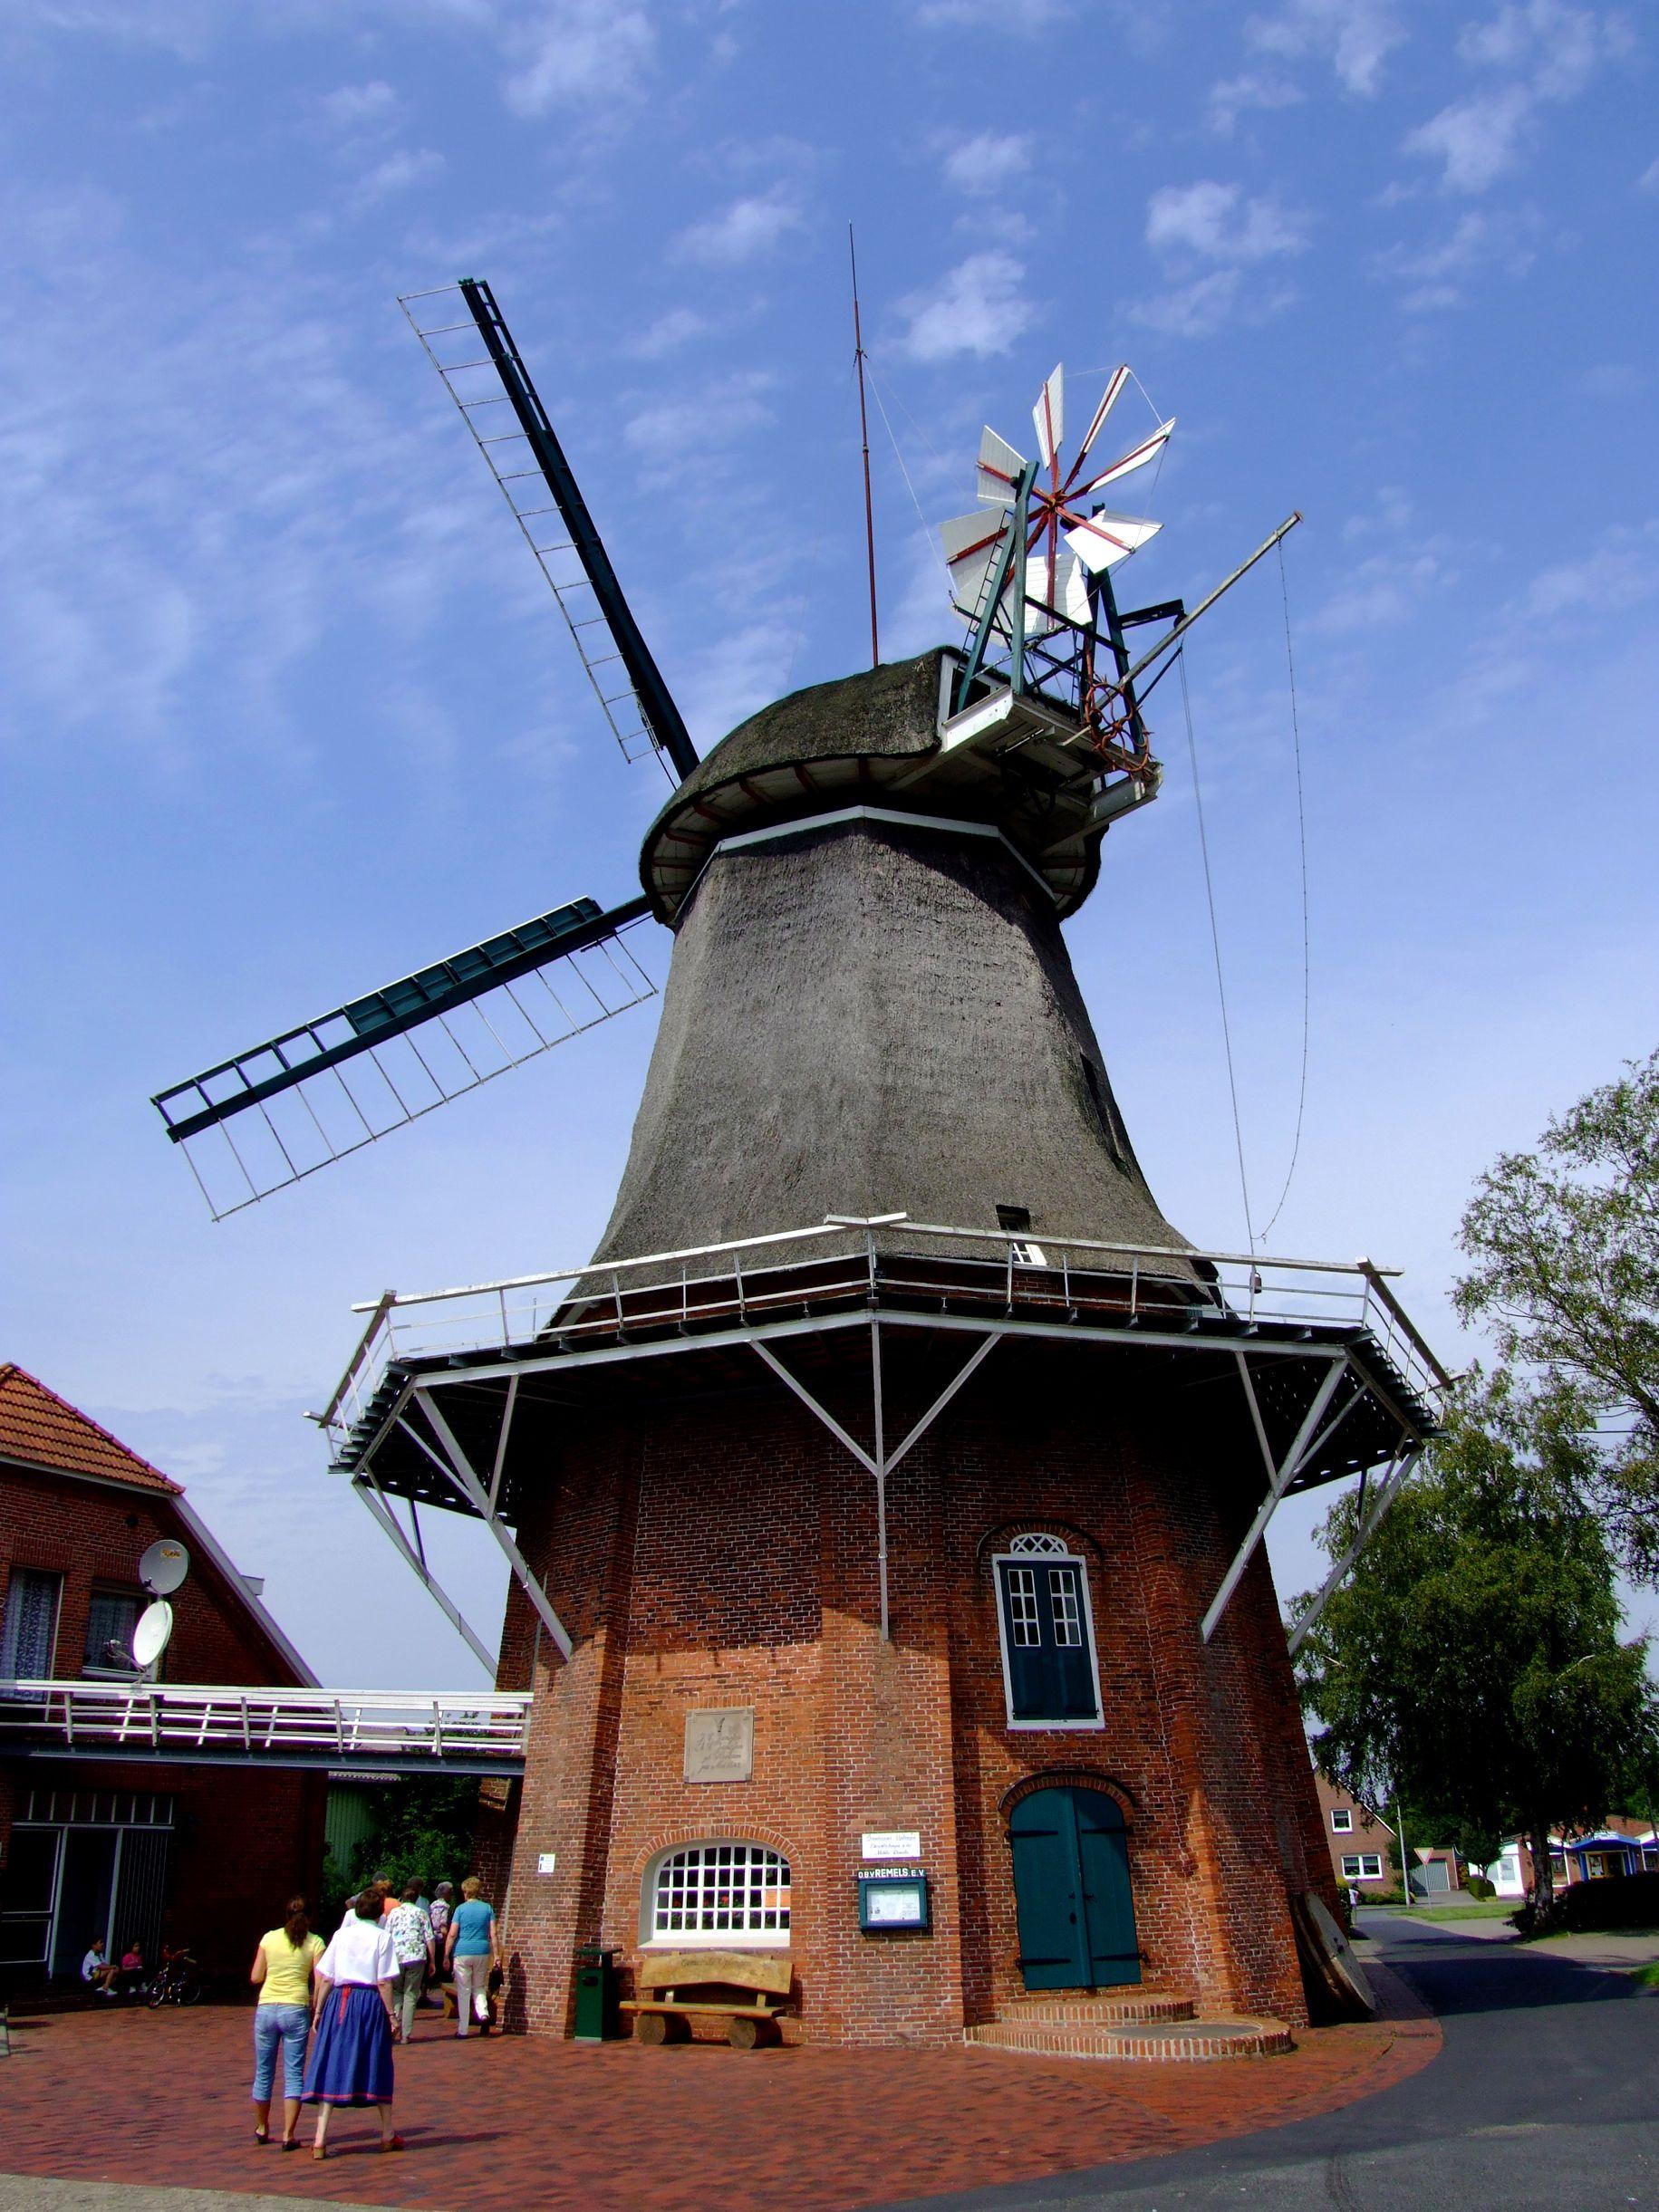 In Remels steht dieser zweistöckige Galerieholländer aus dem Jahre 1803. Die Mühle kann von innen besichtigt werden, es befindet sich darin eine Ausstellung historischer, landwirtschaftlicher Geräte. Im Standesamt-Stübchen kann auch geheiratet werden.